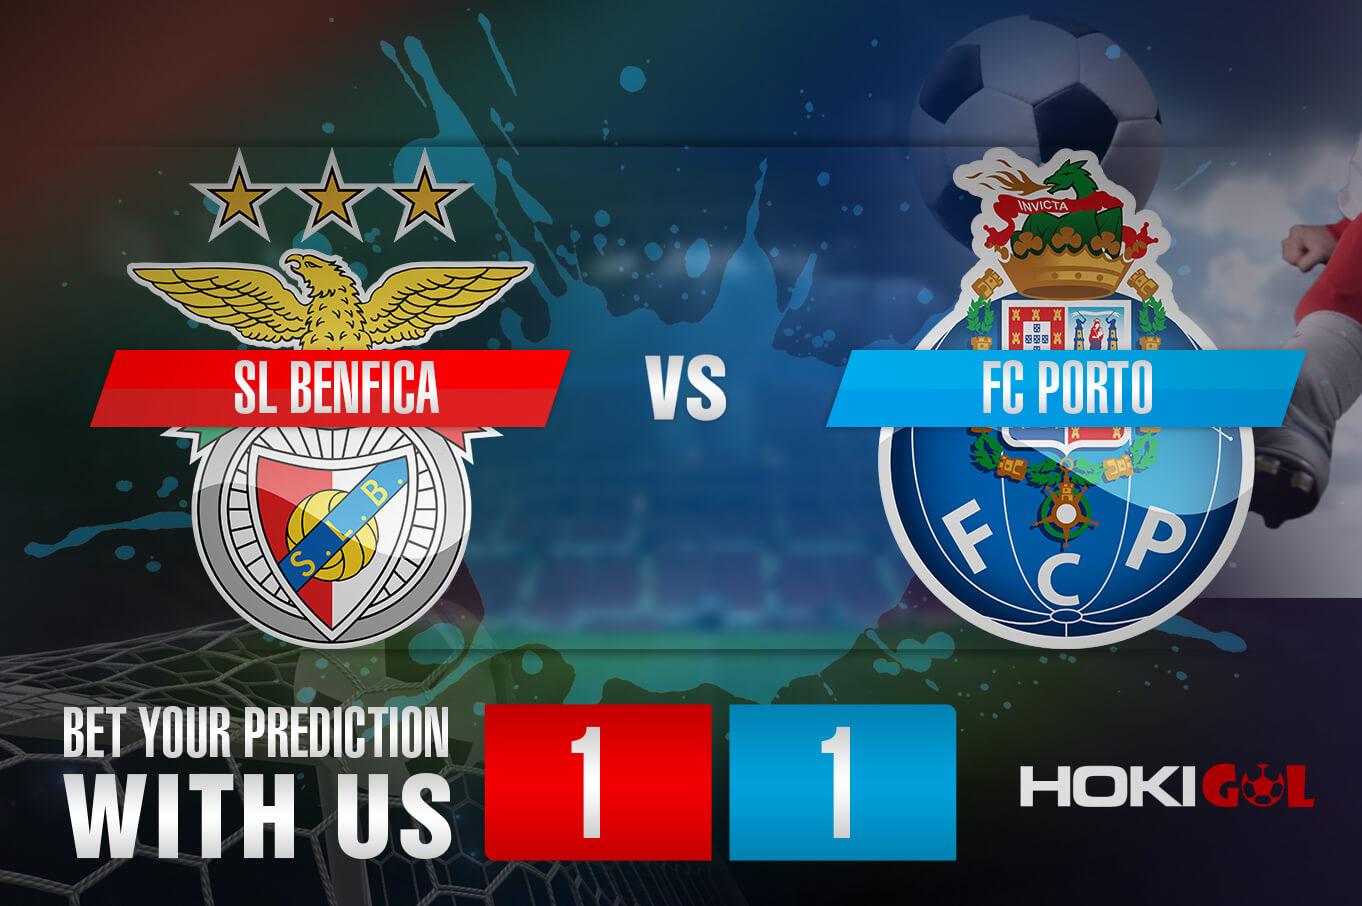 Prediksi Bola SL Benfica Vs FC Porto 7 Mei 2021